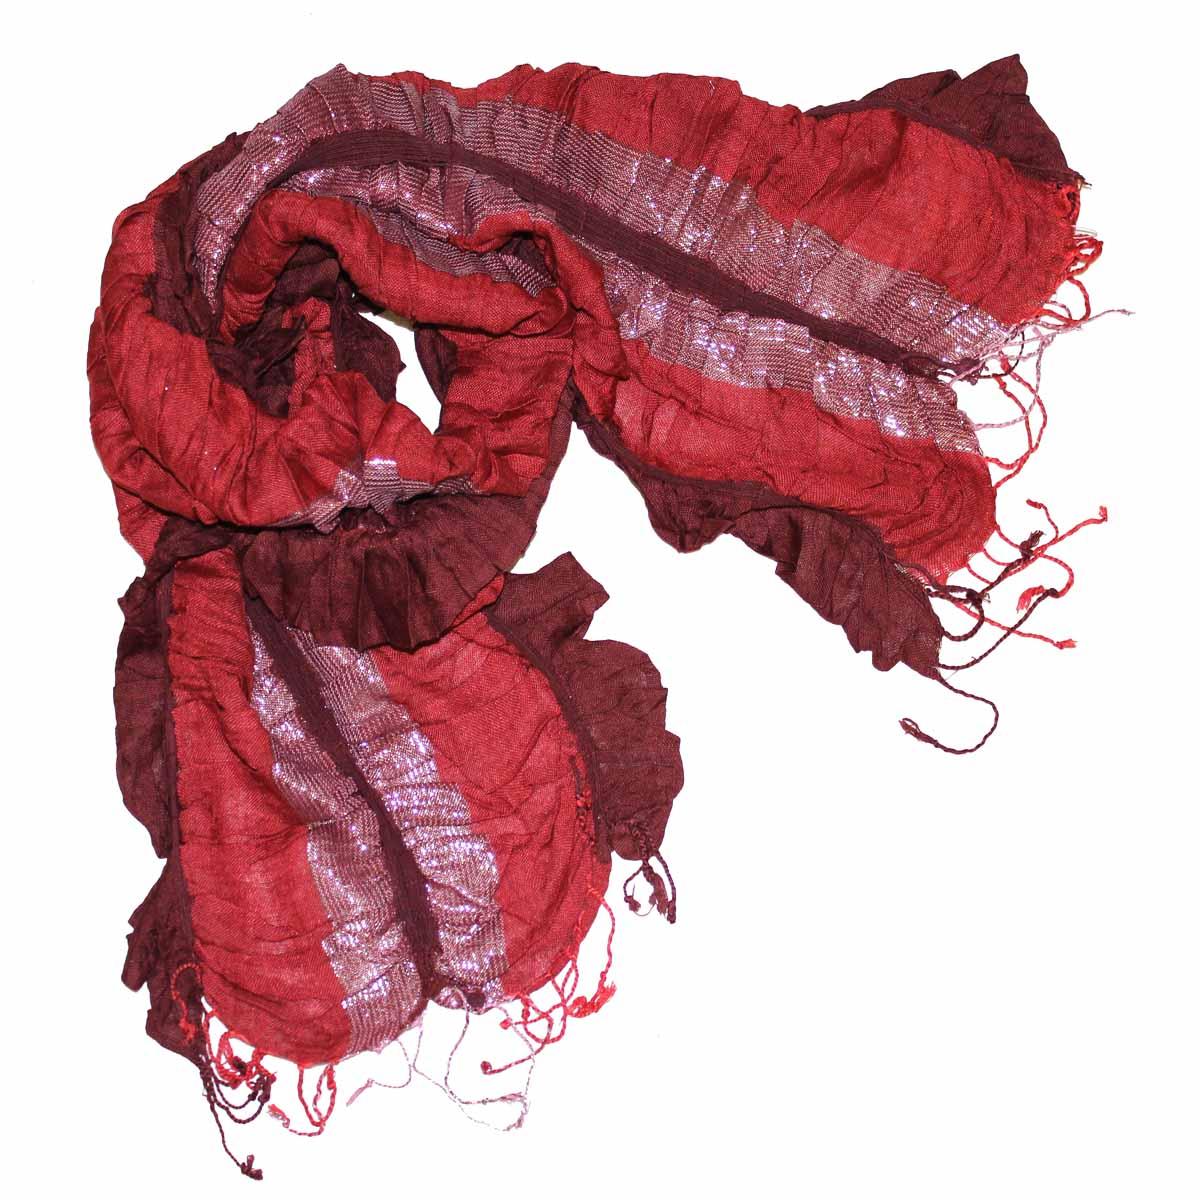 Шарф95075Элегантный шарф из вискозы станет изысканным нарядным аксессуаром, который призван подчеркнуть индивидуальность и очарование женщины. Шарф жатой фактуры с люрексом, по краям декорирован кистями. Этот модный аксессуар женского гардероба гармонично дополнит образ современной женщины, следящей за своим имиджем и стремящейся всегда оставаться стильной и элегантной. В этом шарфе вы всегда будете выглядеть женственной и привлекательной.